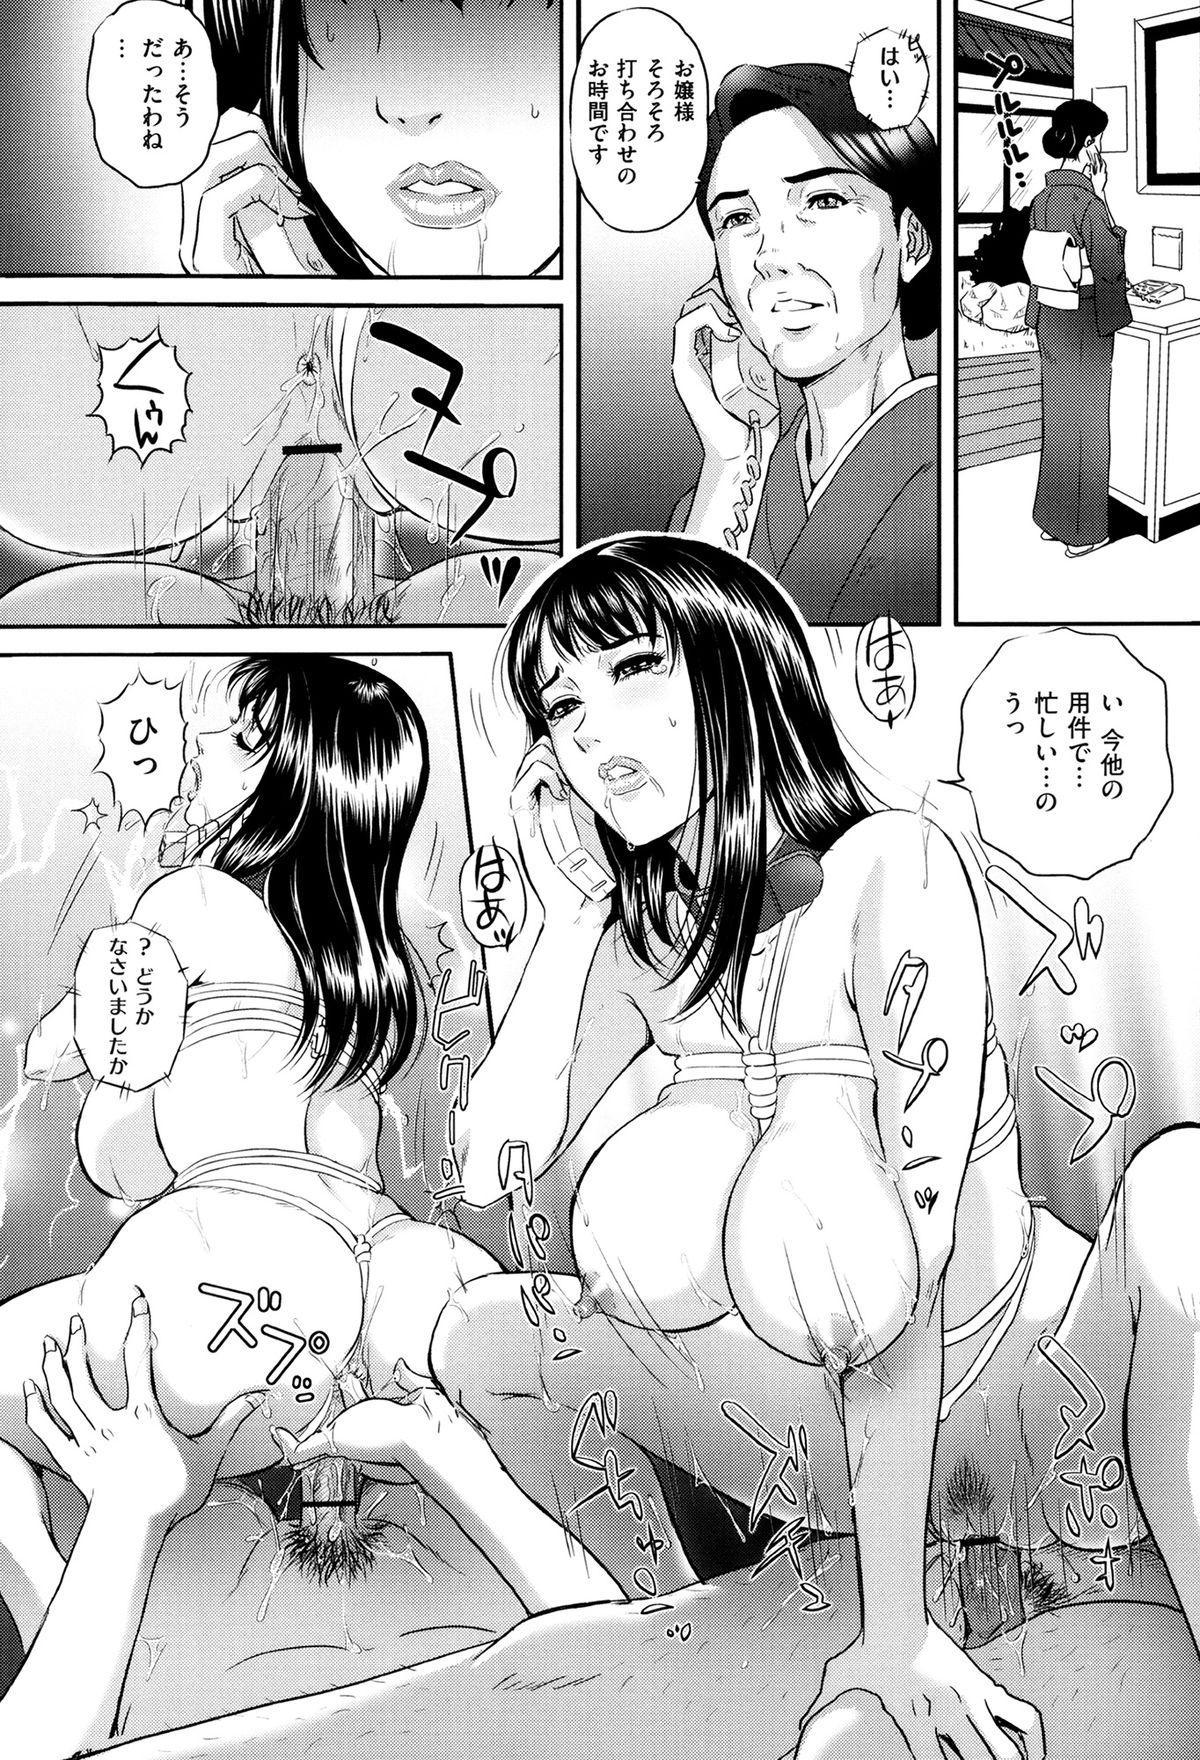 Ijimete Hoshiino 134